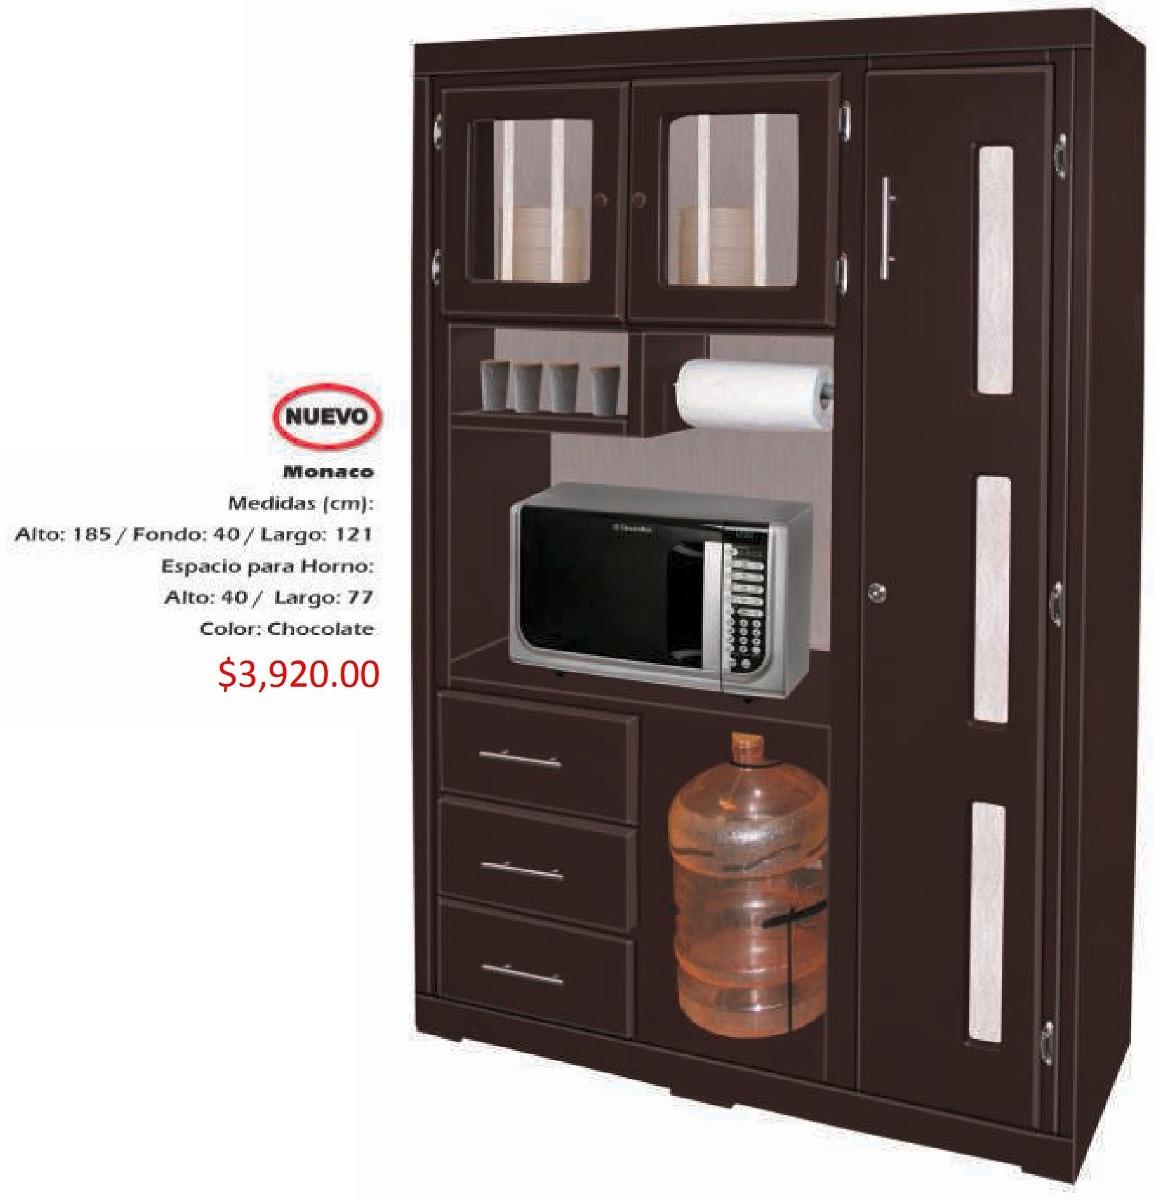 mueble para cocina modelo monaco 3 en mercado libre